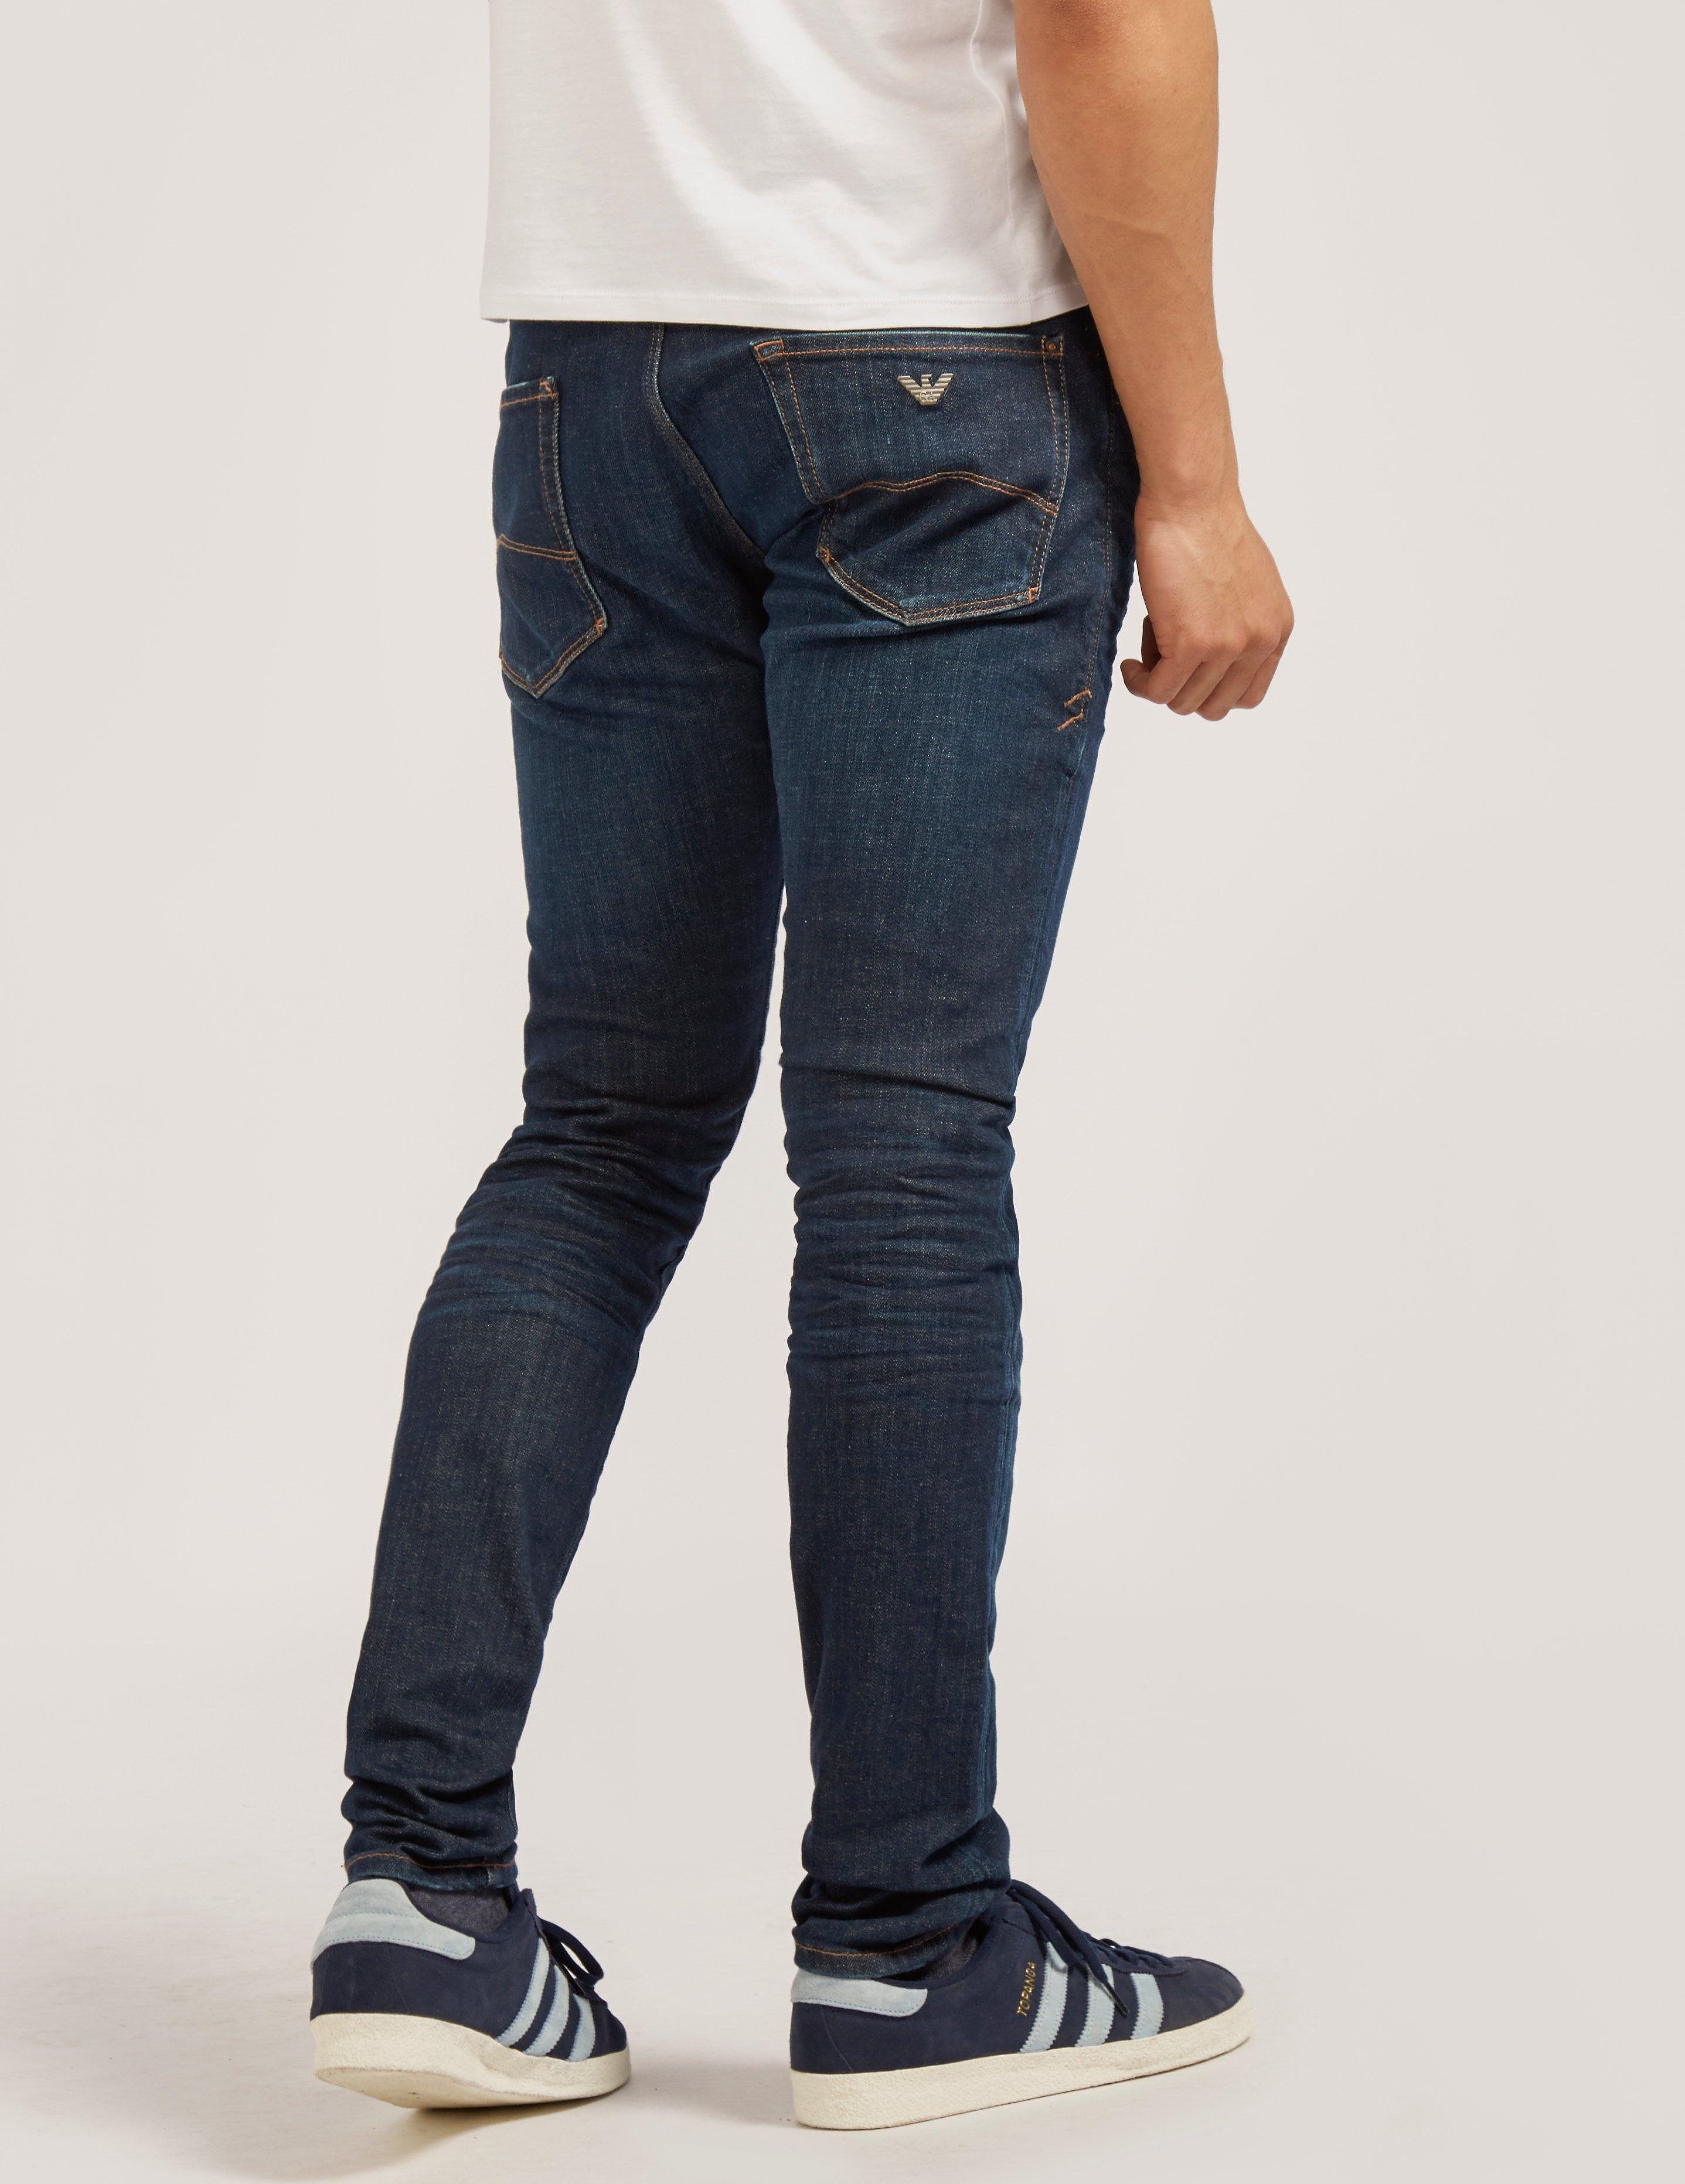 Armani Jeans J35 XSlim Wash Jean